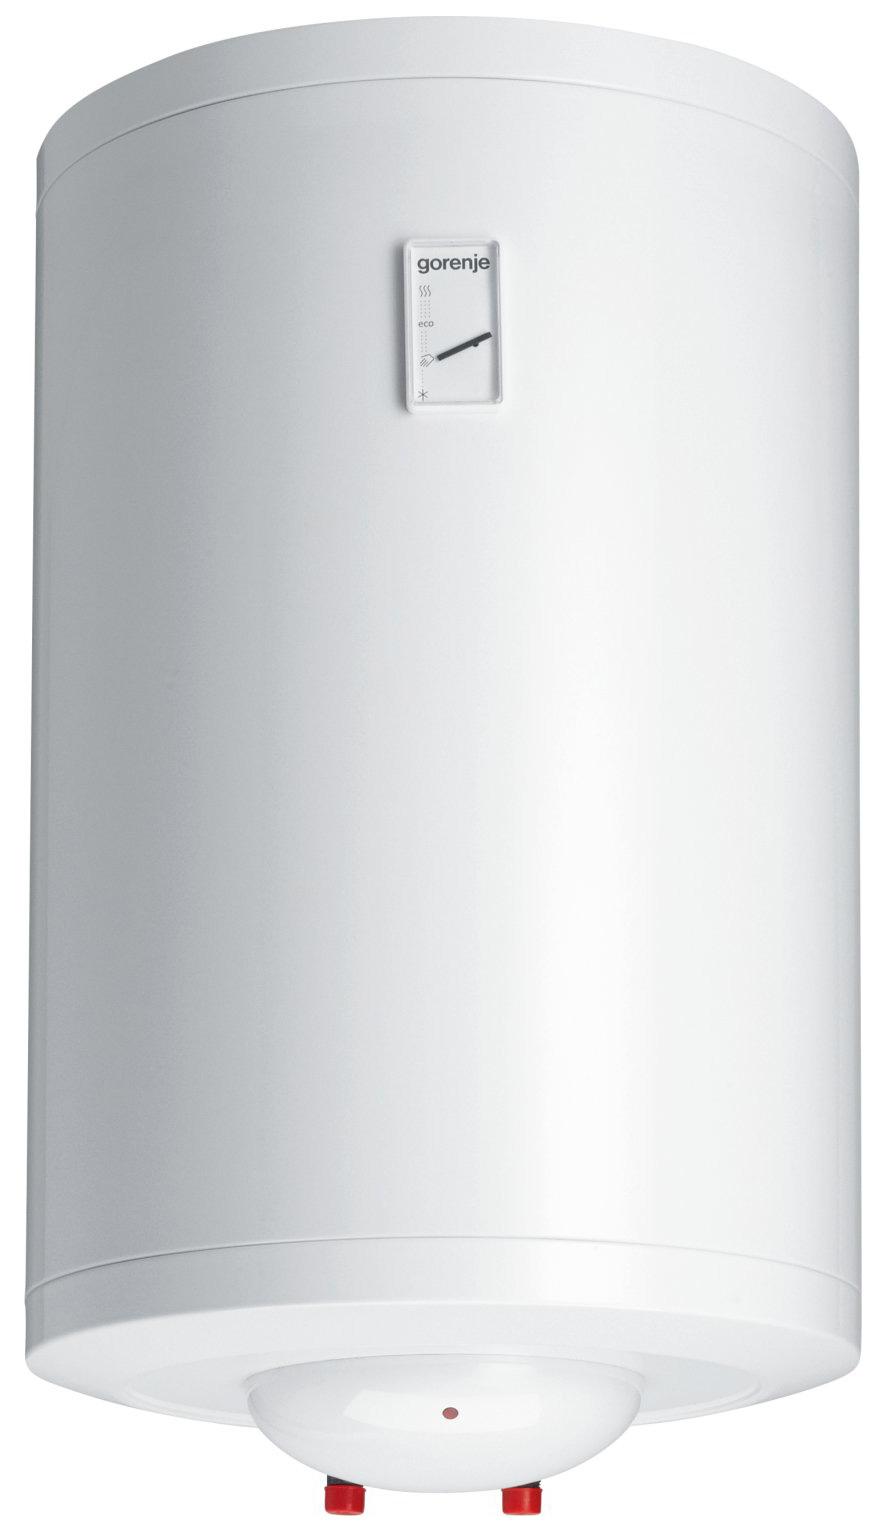 водонагреватель осо, электрическая схема